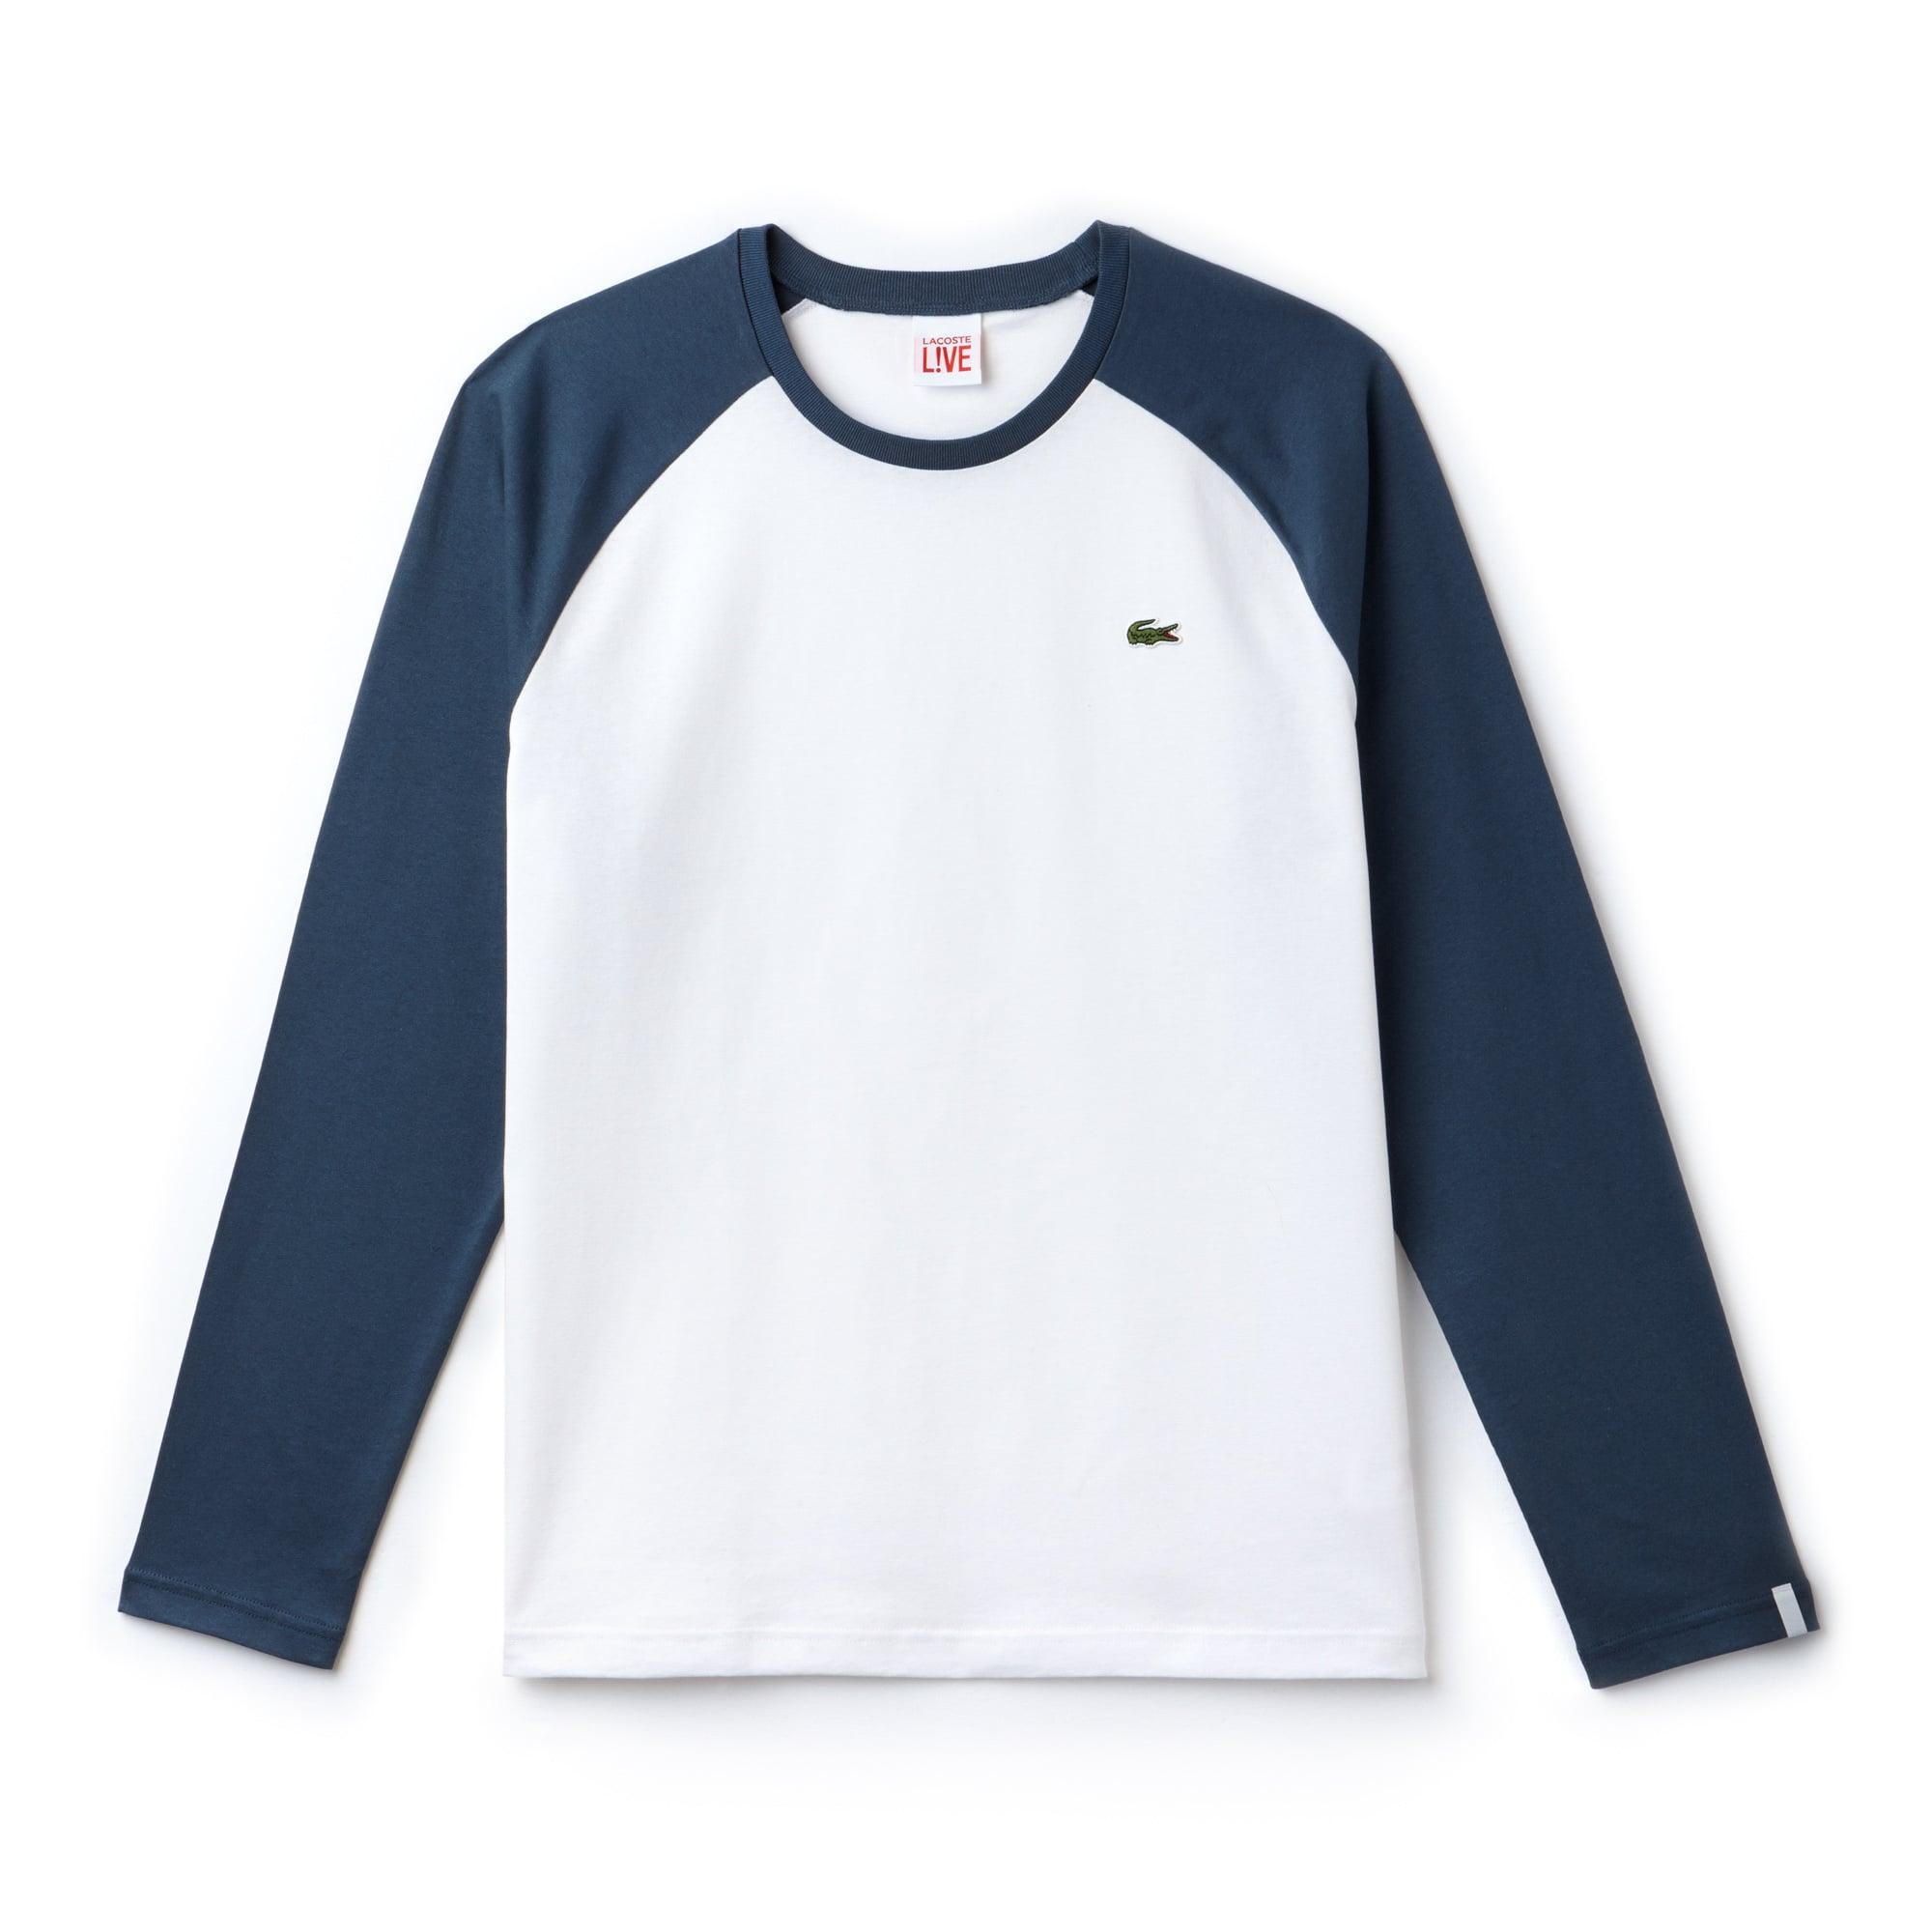 Herren-T-Shirt aus zweifarbigem Jersey LACOSTE L!VE